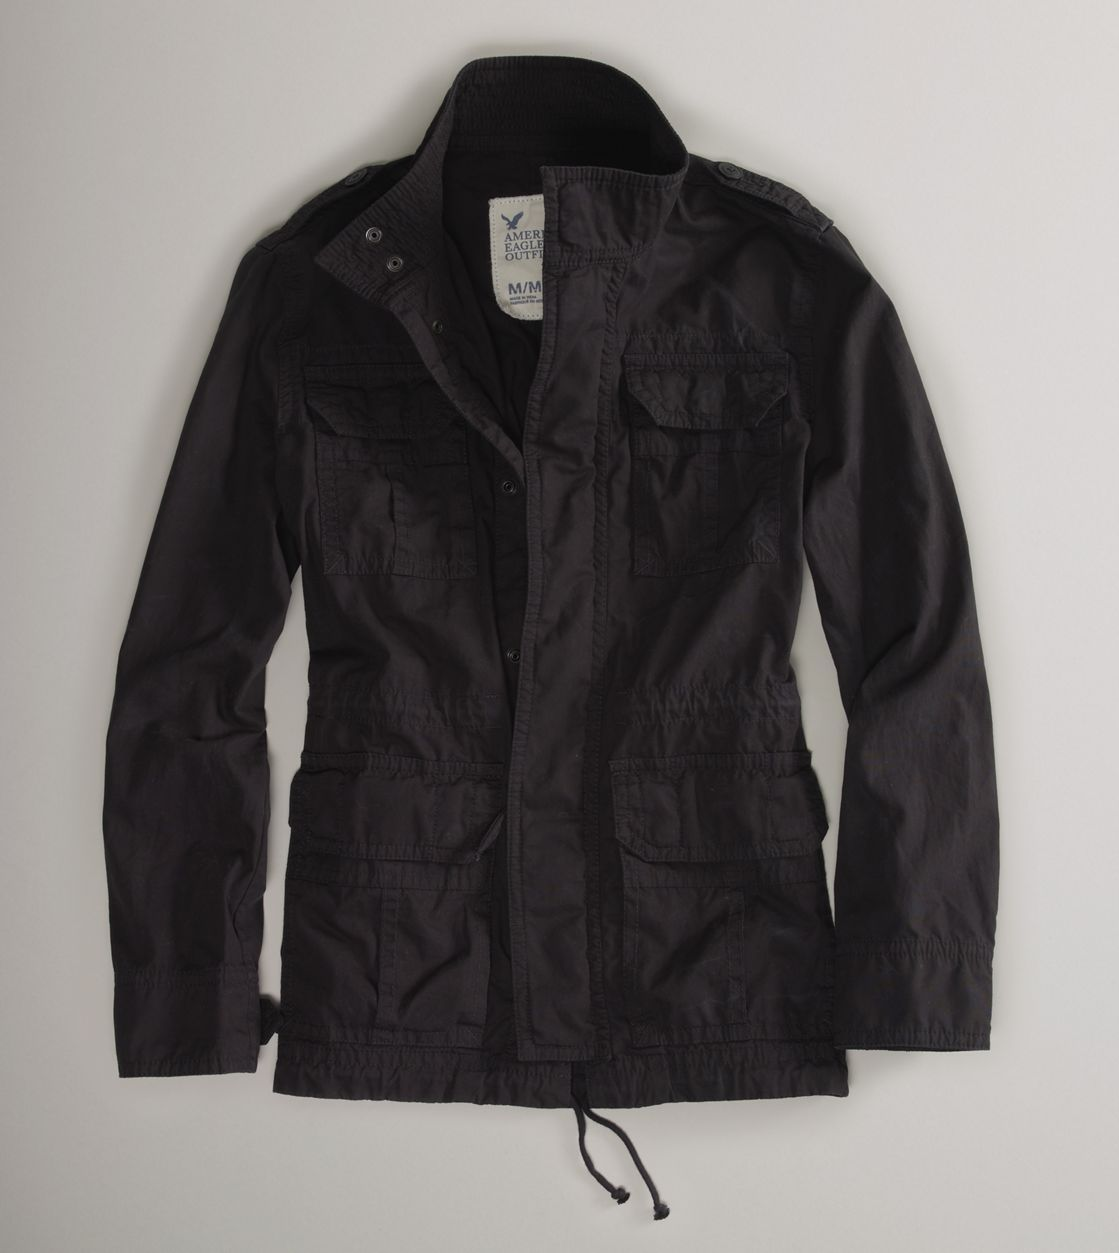 Jesse Pinkman-esque jacket. American Eagle. #men #style #